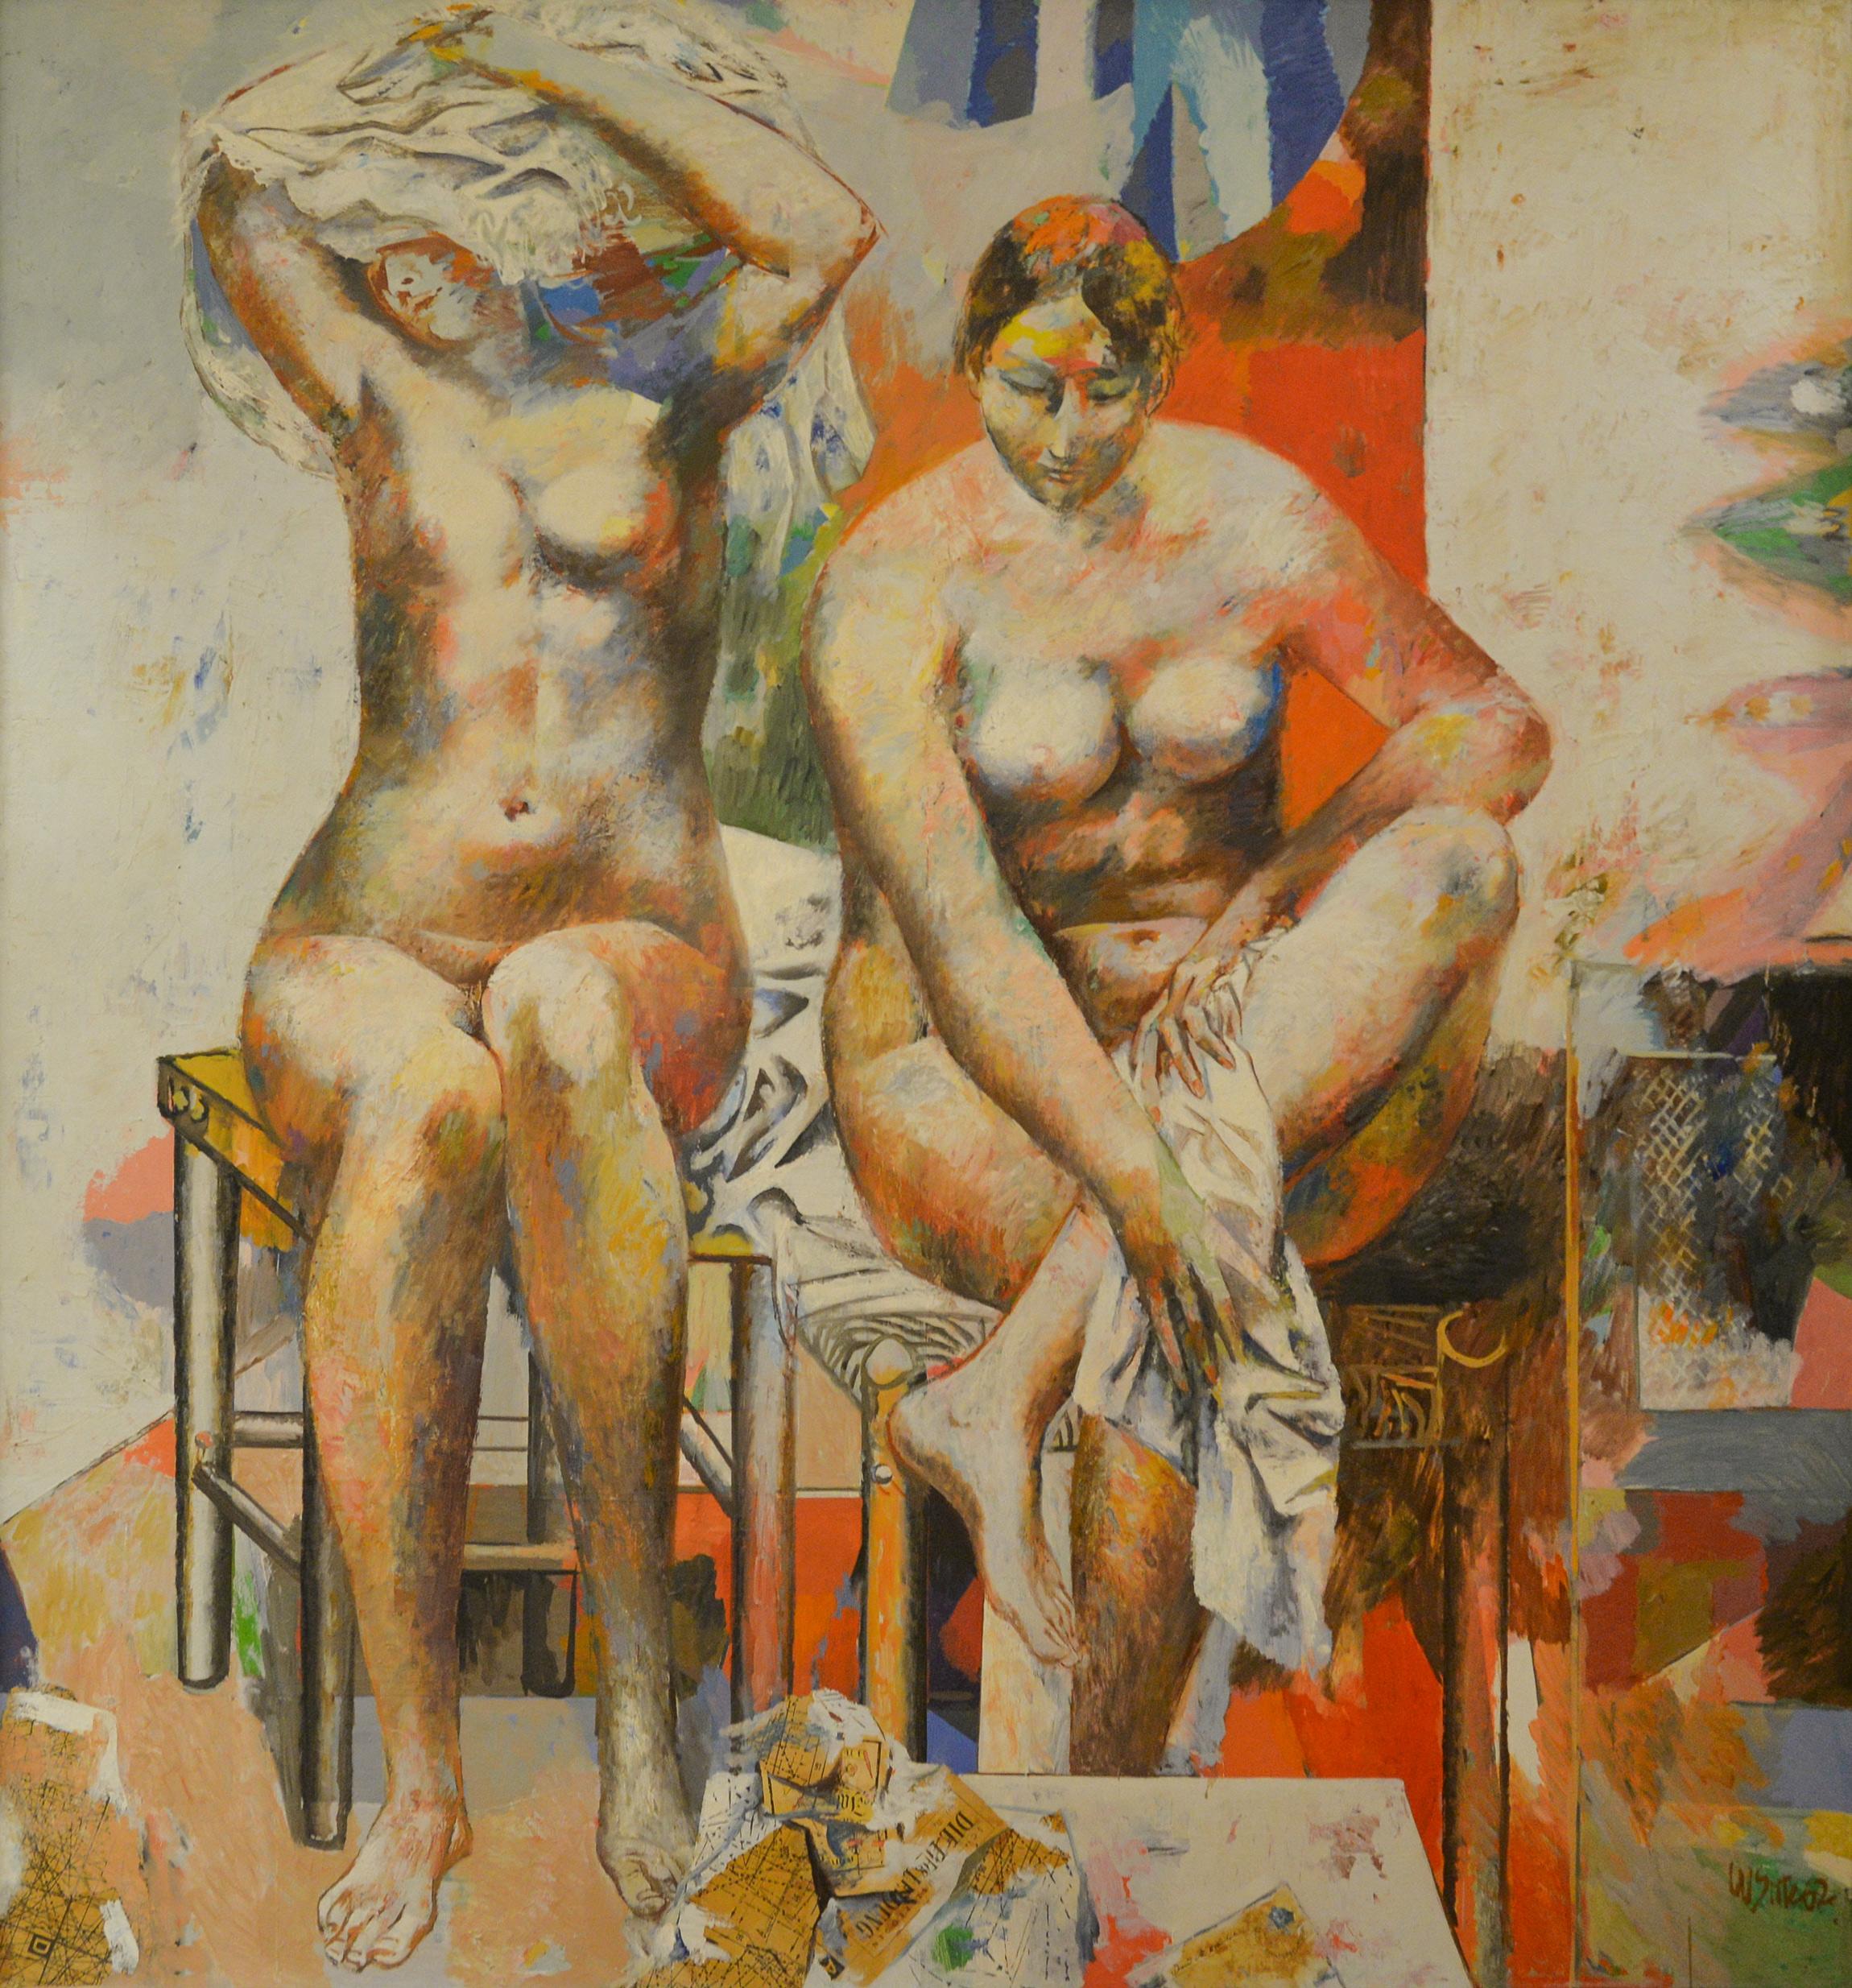 Willi Sitte, Zwei weibliche Akte, 1962